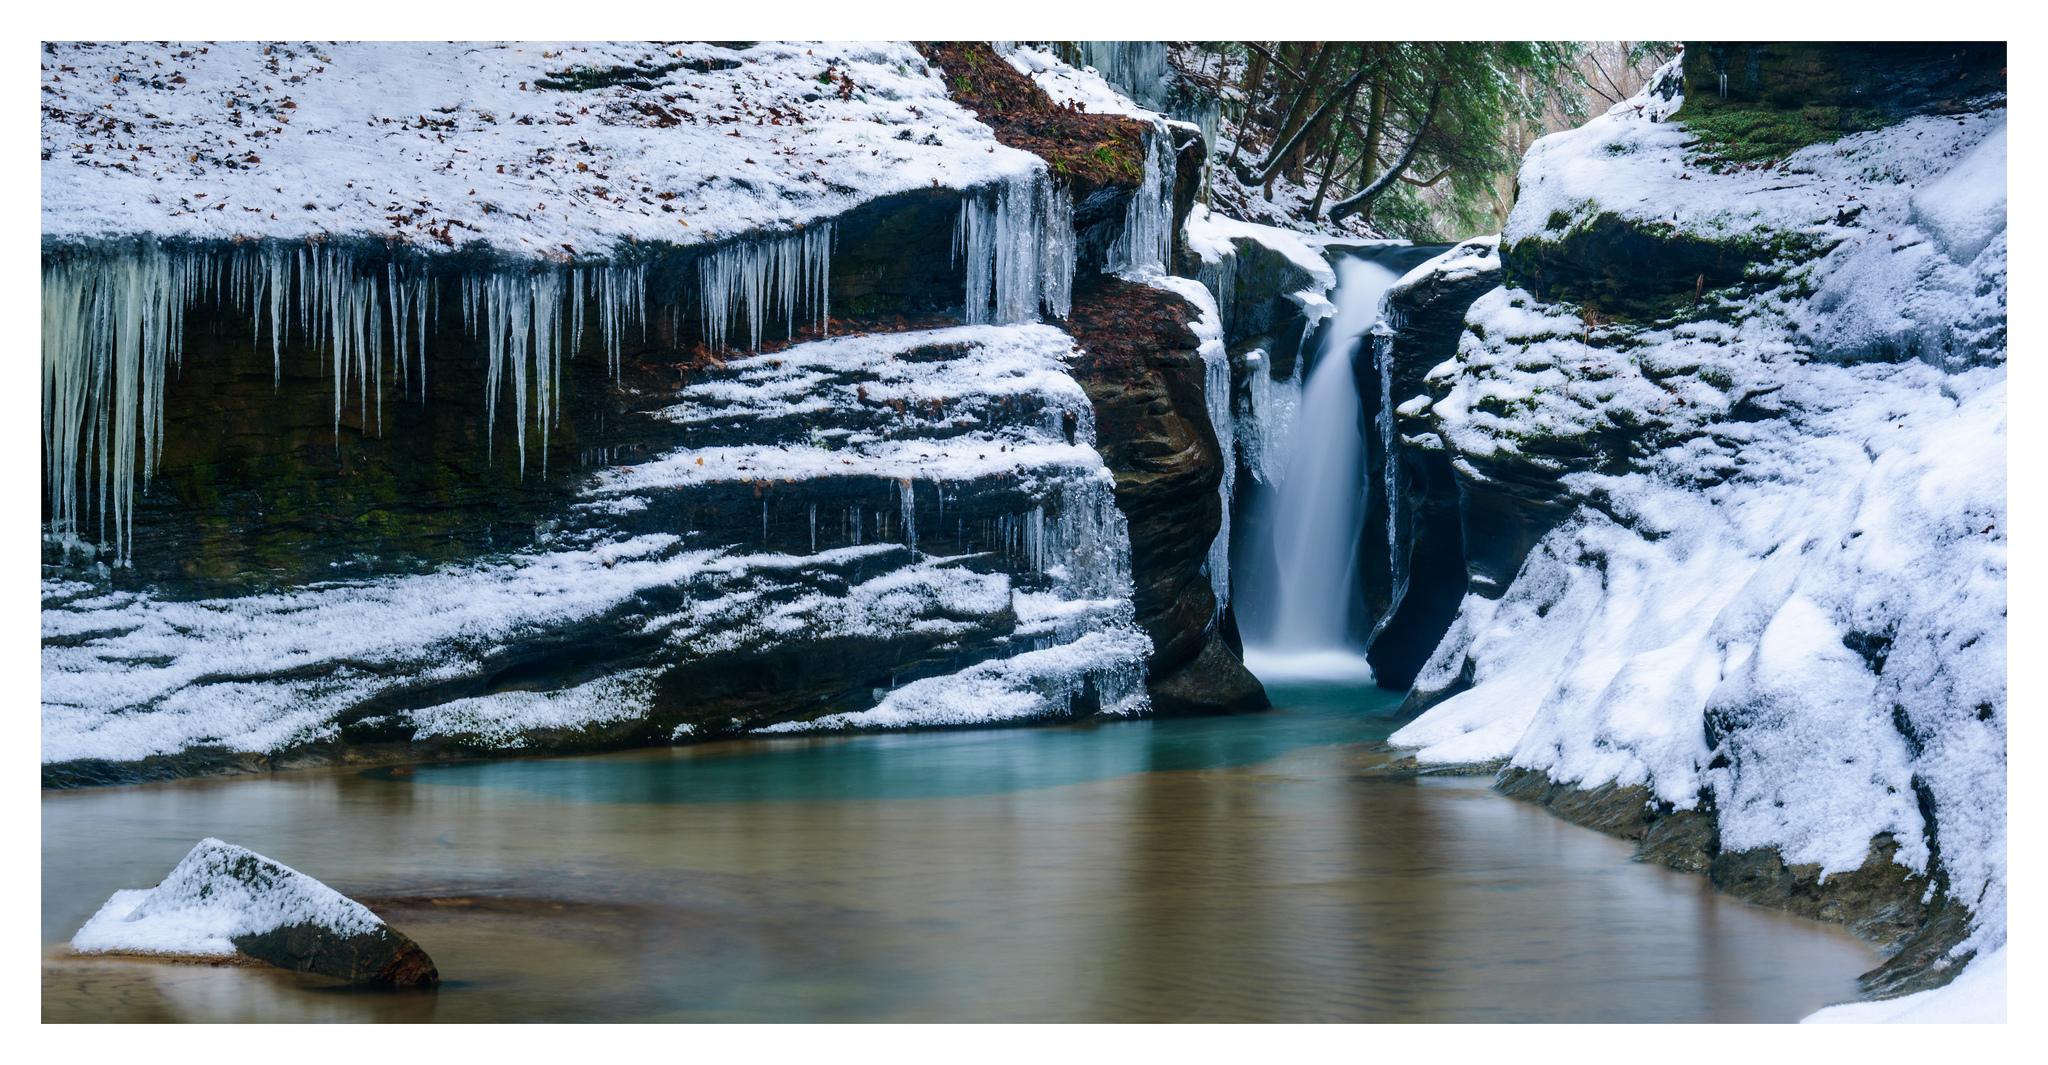 Robinson Falls in Boch Hollow - Digital Pano Stitch